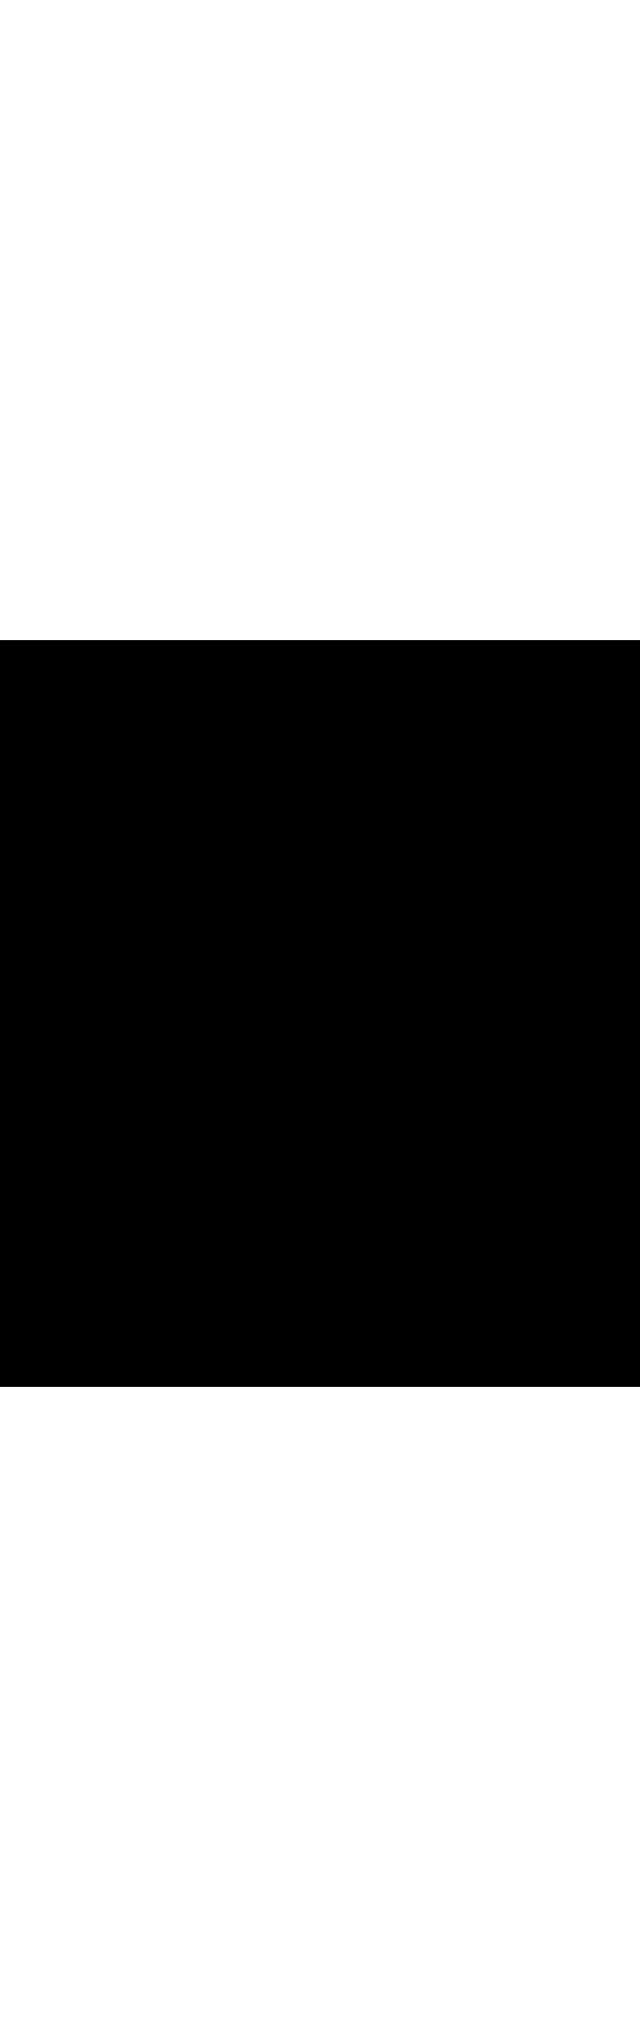 【商鼎路店丨新年特惠】精选豫东小山羊!品味老郑州的味道!¥9.9抢价值60「老三厂烩羊肉」=菌香烩面4碗(含羊肚菌、竹笙、虫草花、绣球菌、杏鲍菇等)!热气腾腾!滋补又暖身!